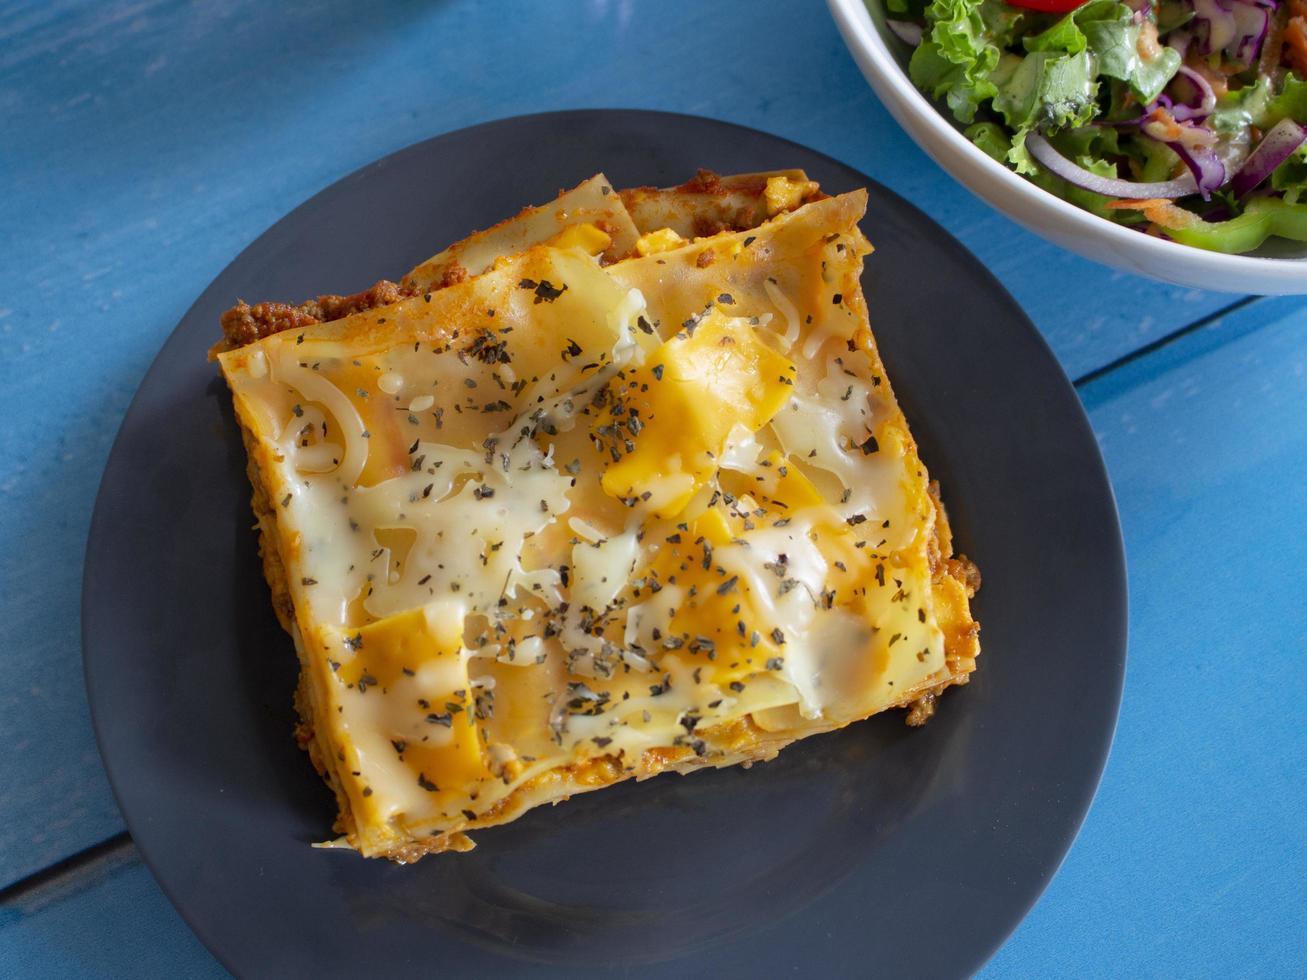 lasagnes maison avec une salade d'accompagnement photo